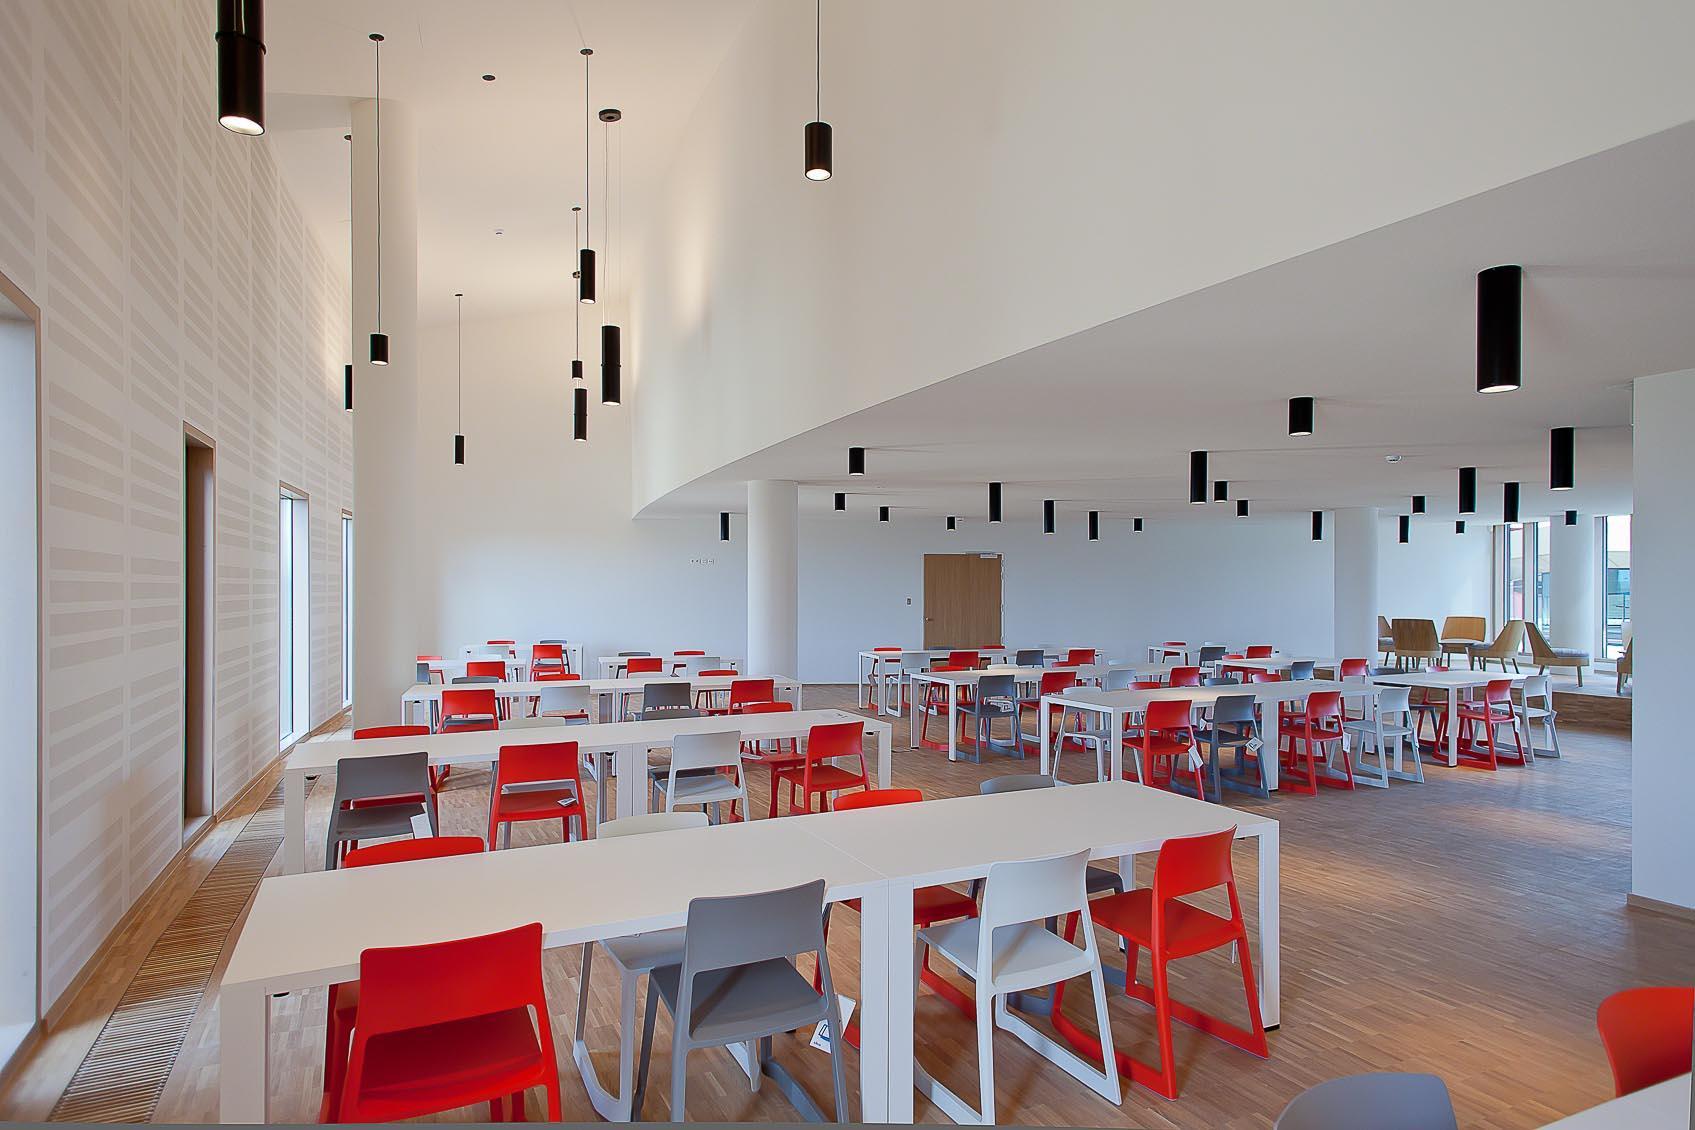 Speels architecturaal lichtconcept in wit zwart rood concept in eetzaal nac